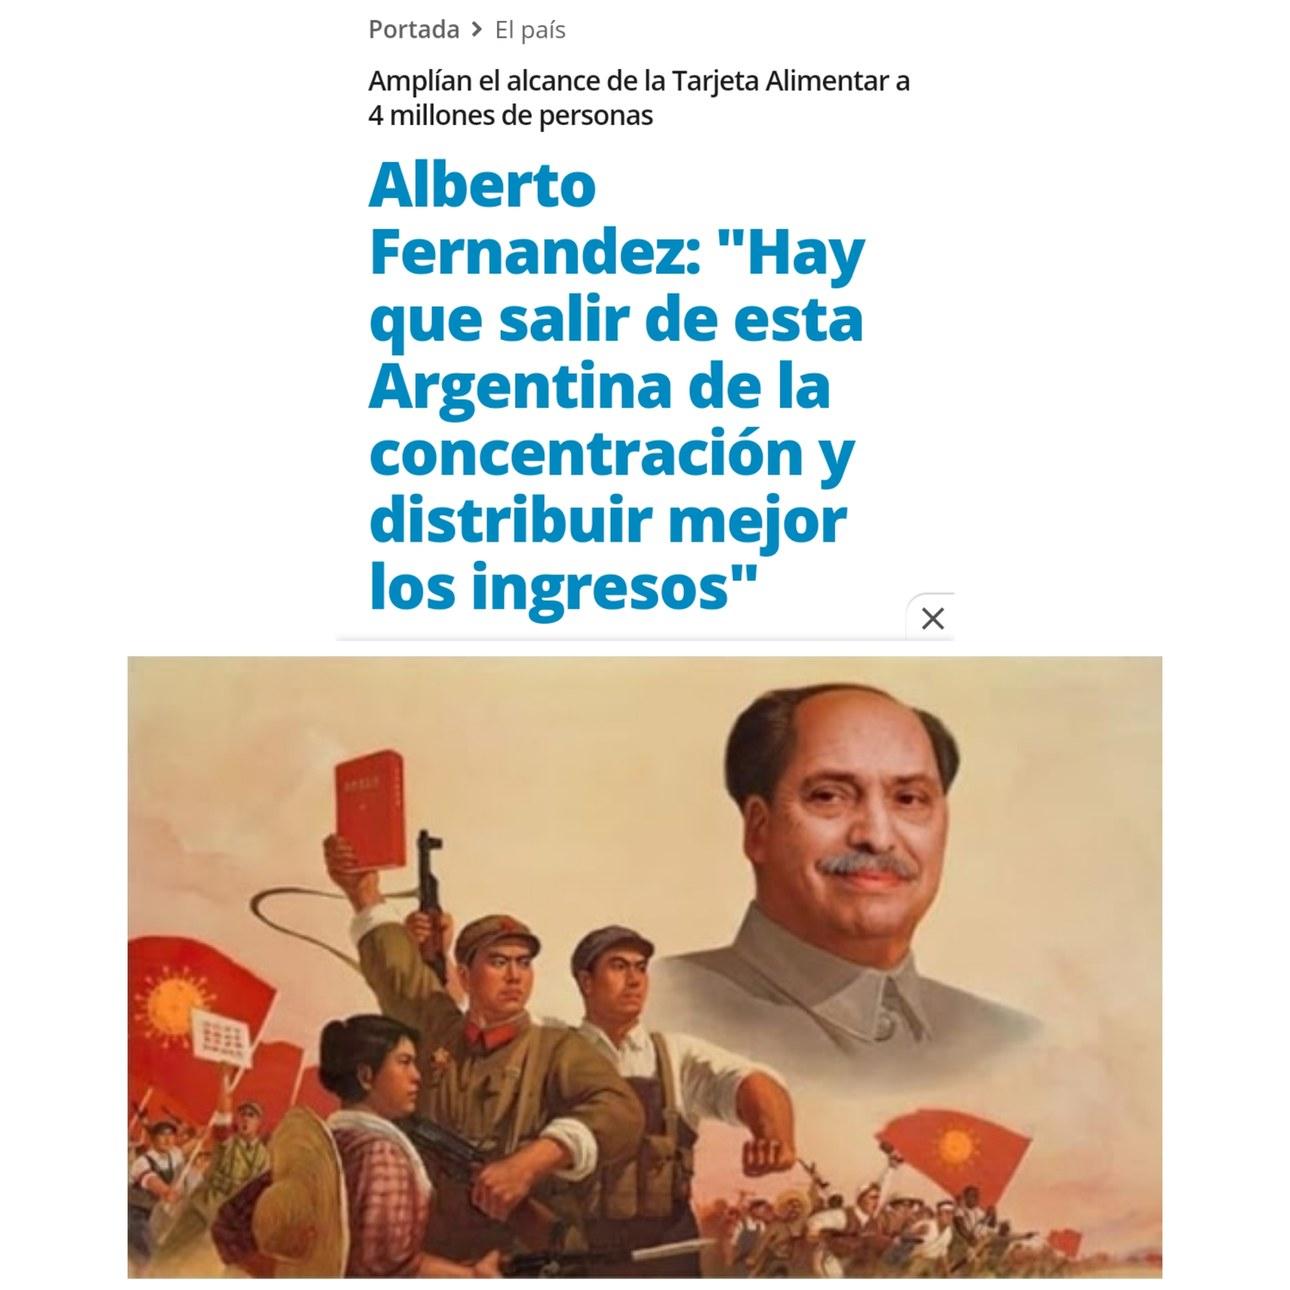 Alberto Fernández es el presidente de la Argentina para los que no lo sabian - meme